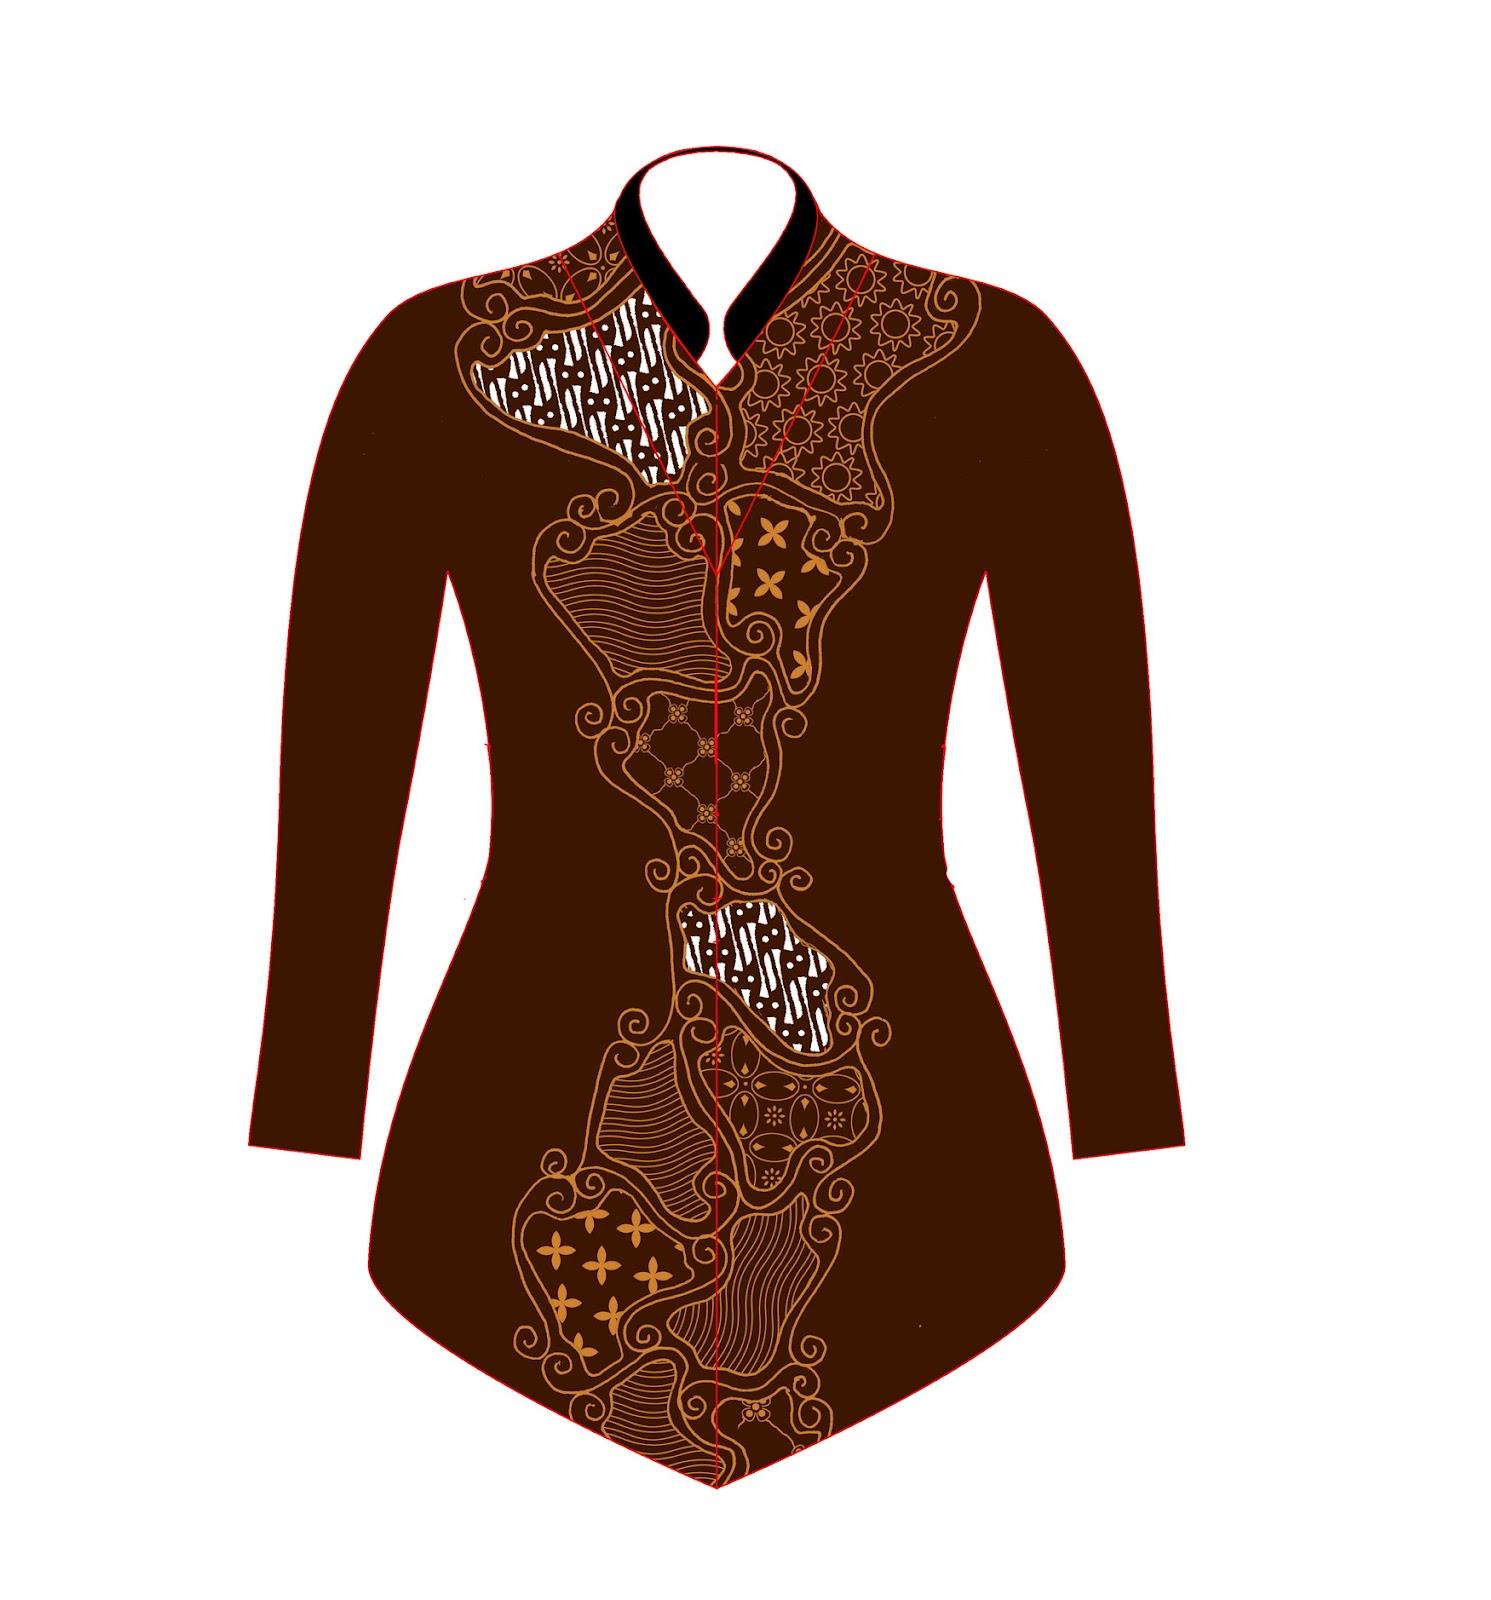 Desain Baju Batik Unik: Desain Baju Batik